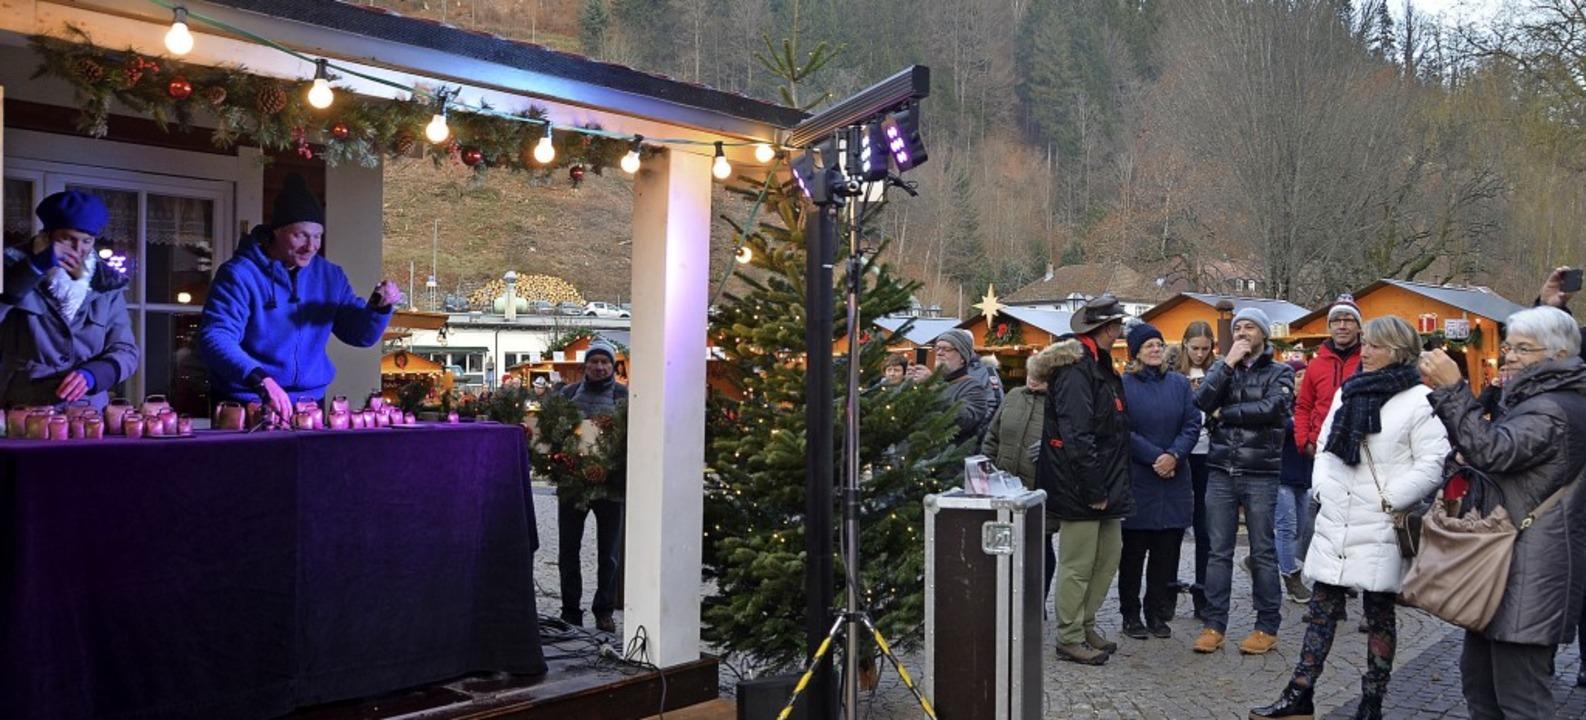 Den Beginn des Weihnachtsmarktes auf d...lockenduo Anita und Maik eingeläutet.     Foto: Christiane Sahli